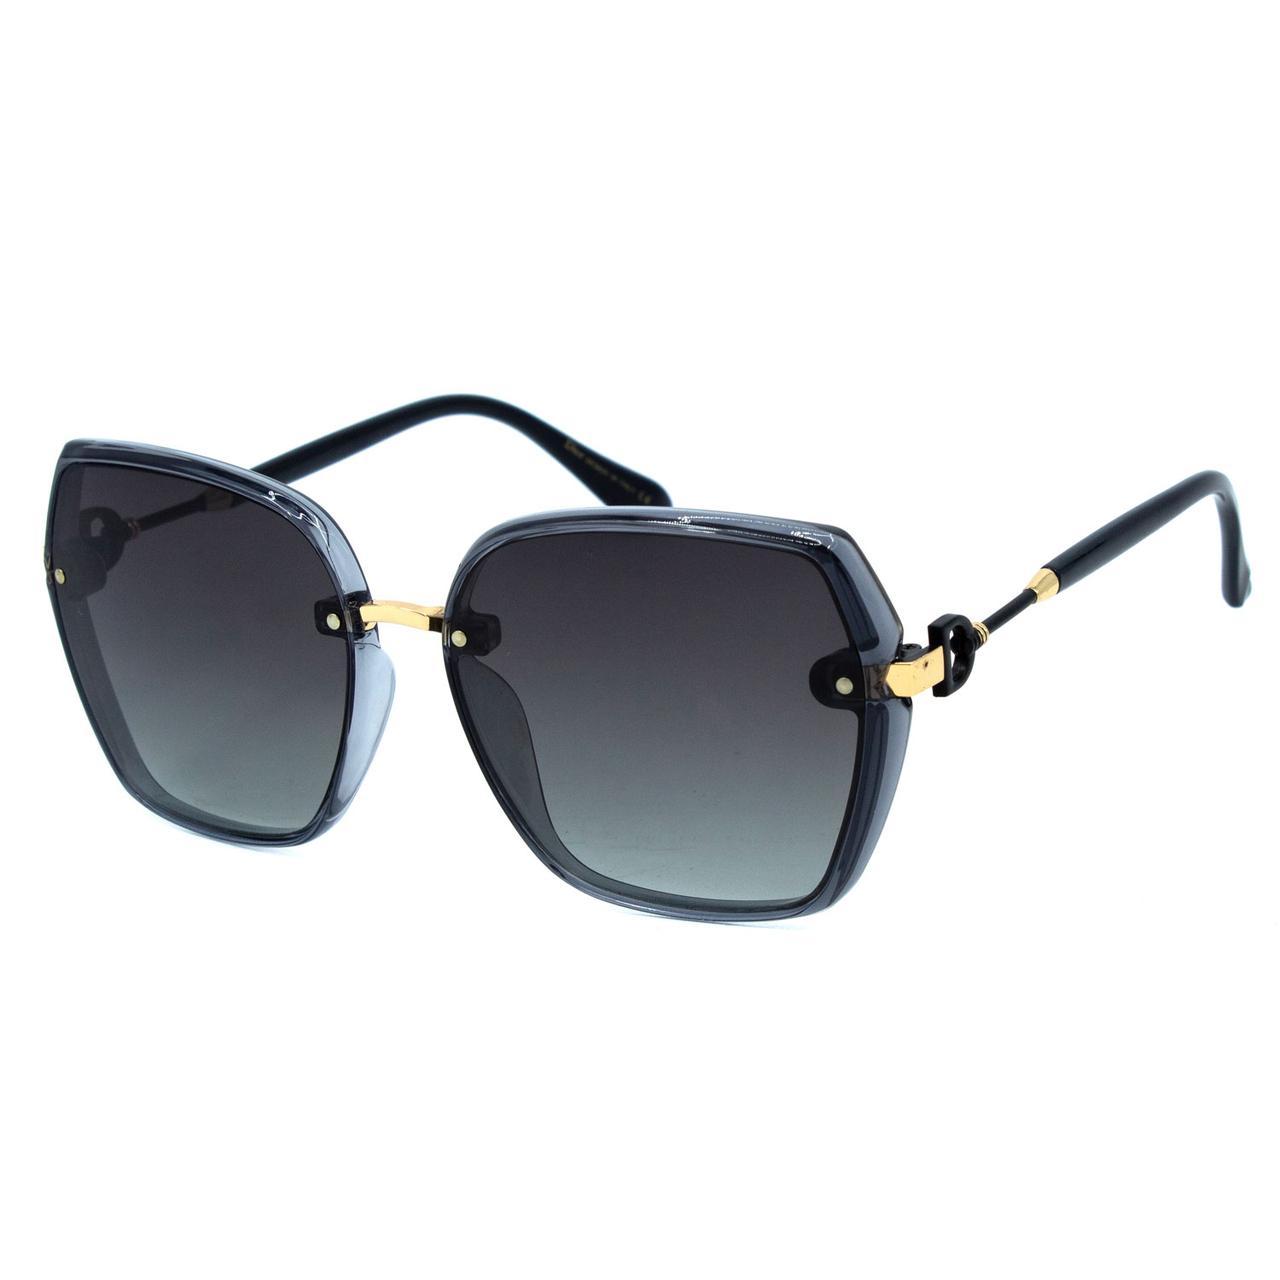 Солнцезащитные очки Dr R9932 C4 серые     ( R9932-04 )